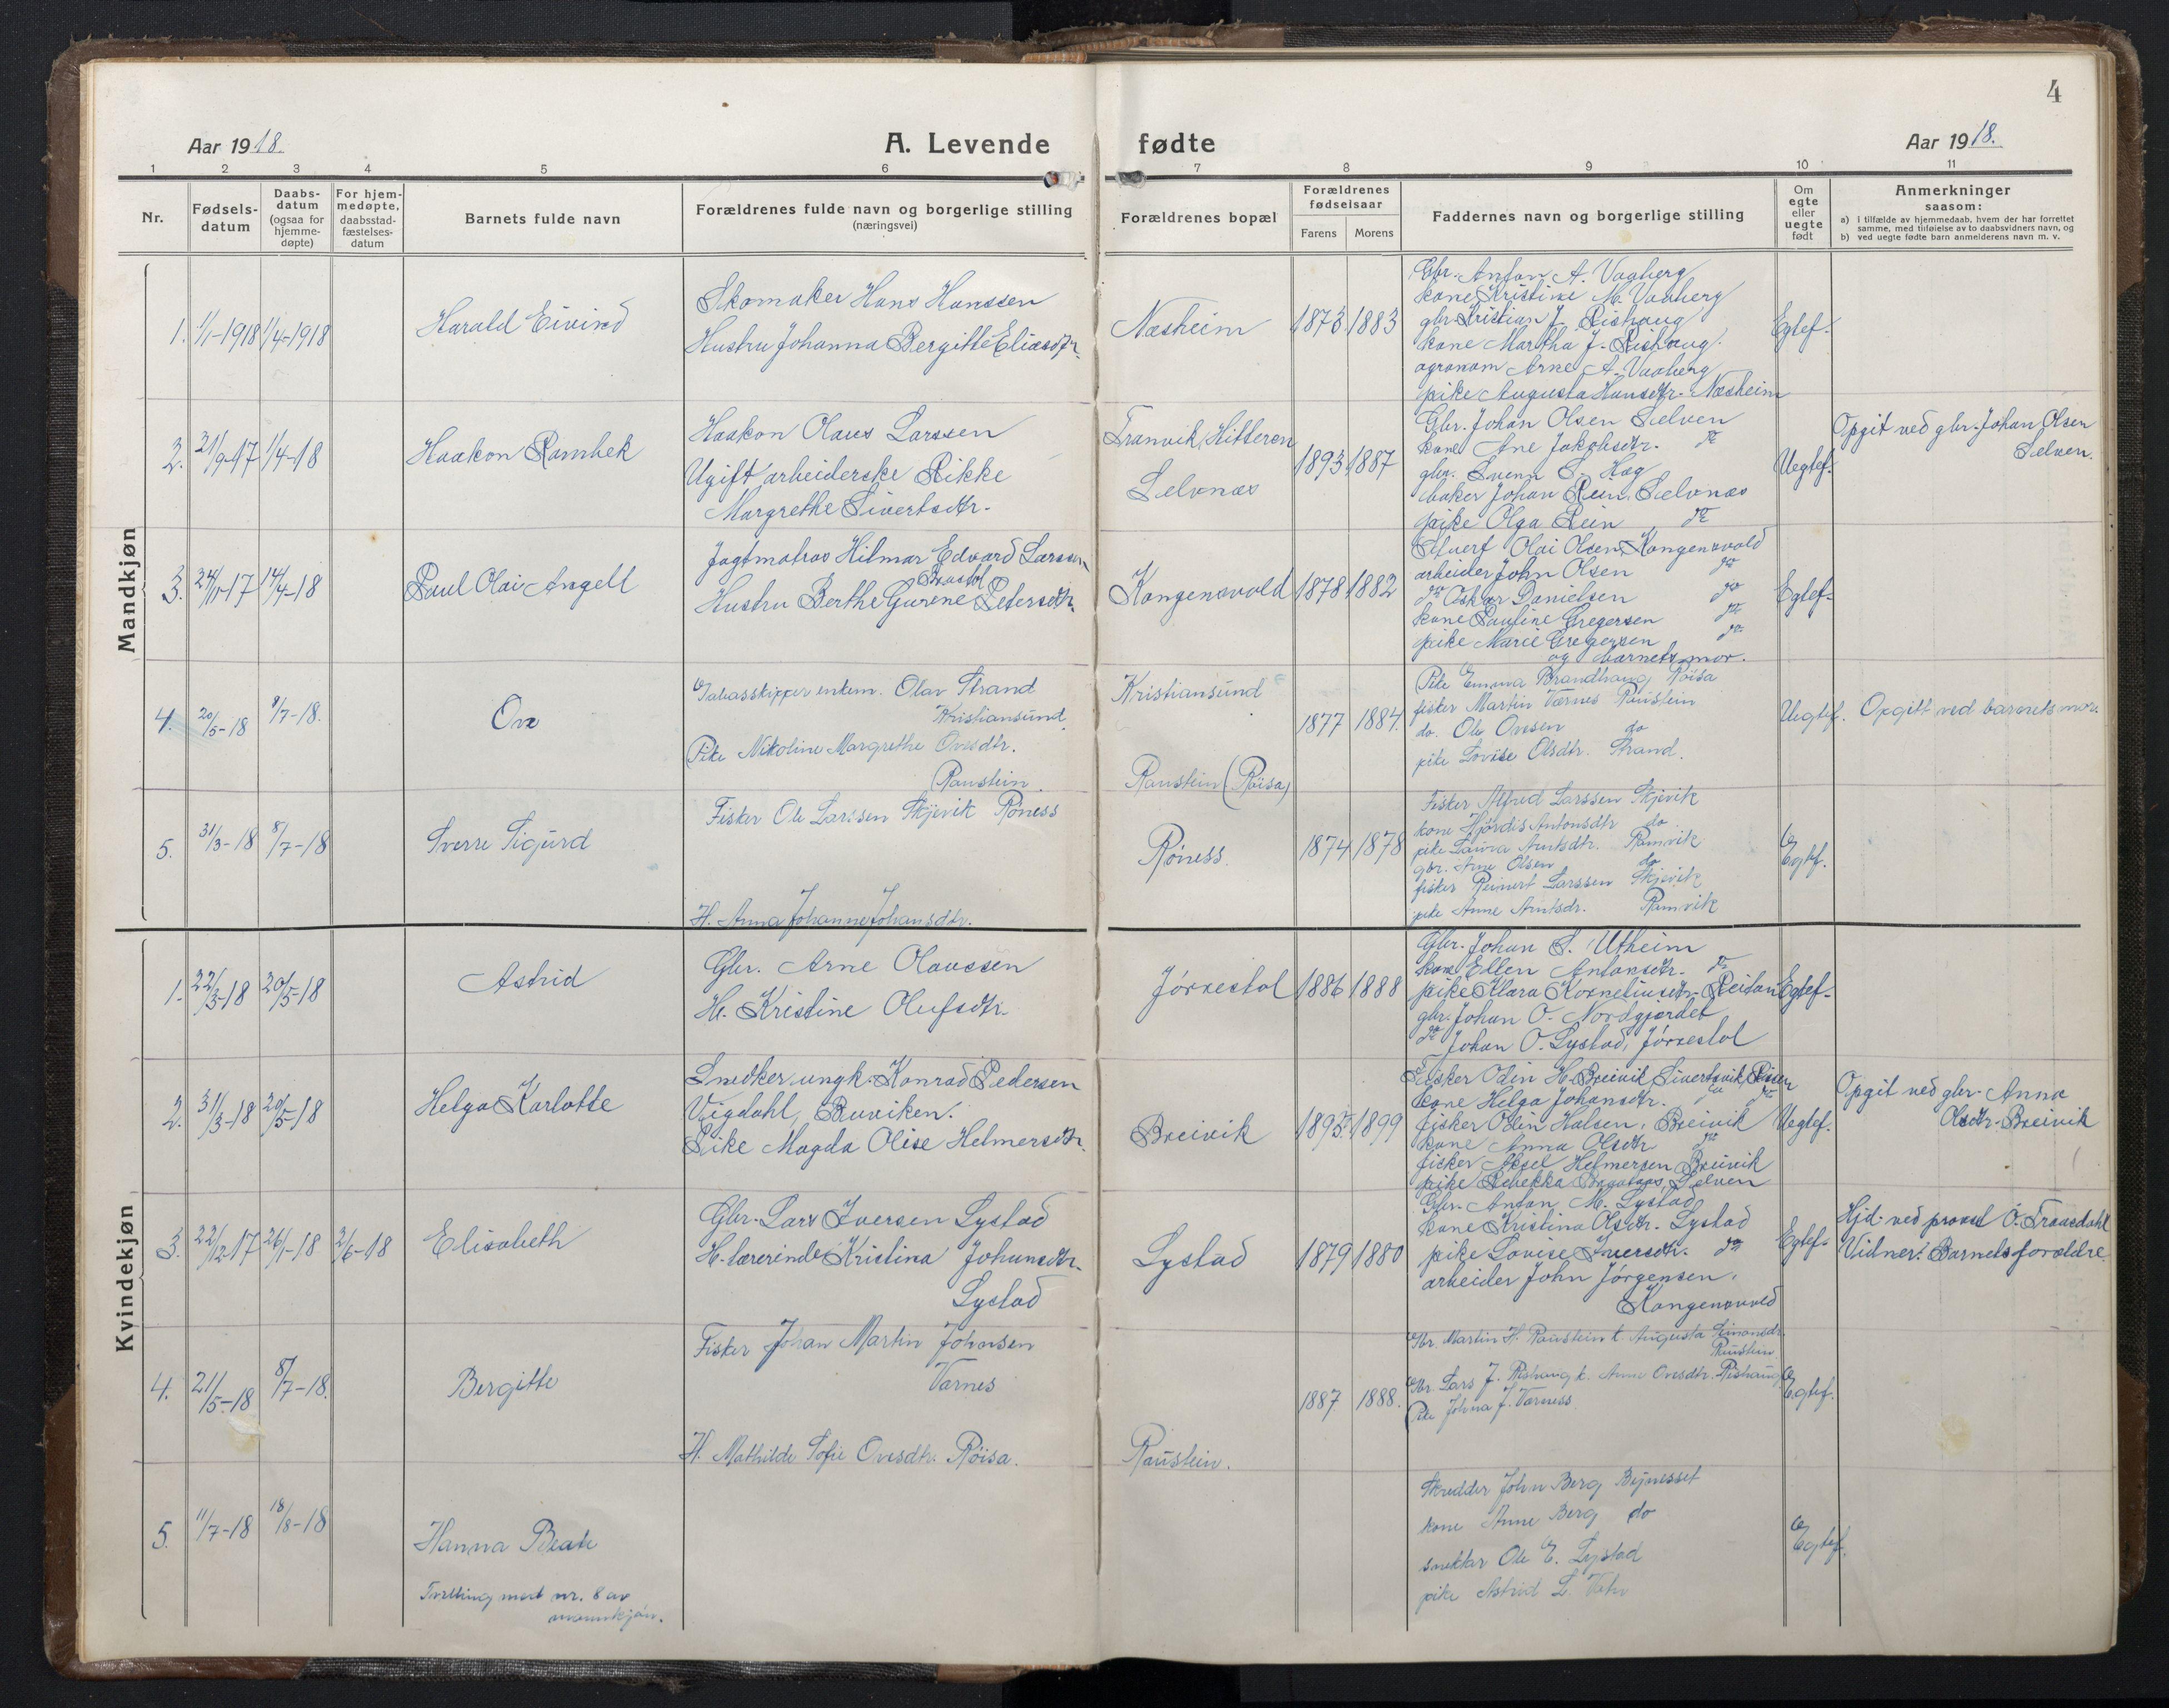 SAT, Ministerialprotokoller, klokkerbøker og fødselsregistre - Sør-Trøndelag, 662/L0758: Klokkerbok nr. 662C03, 1918-1948, s. 4